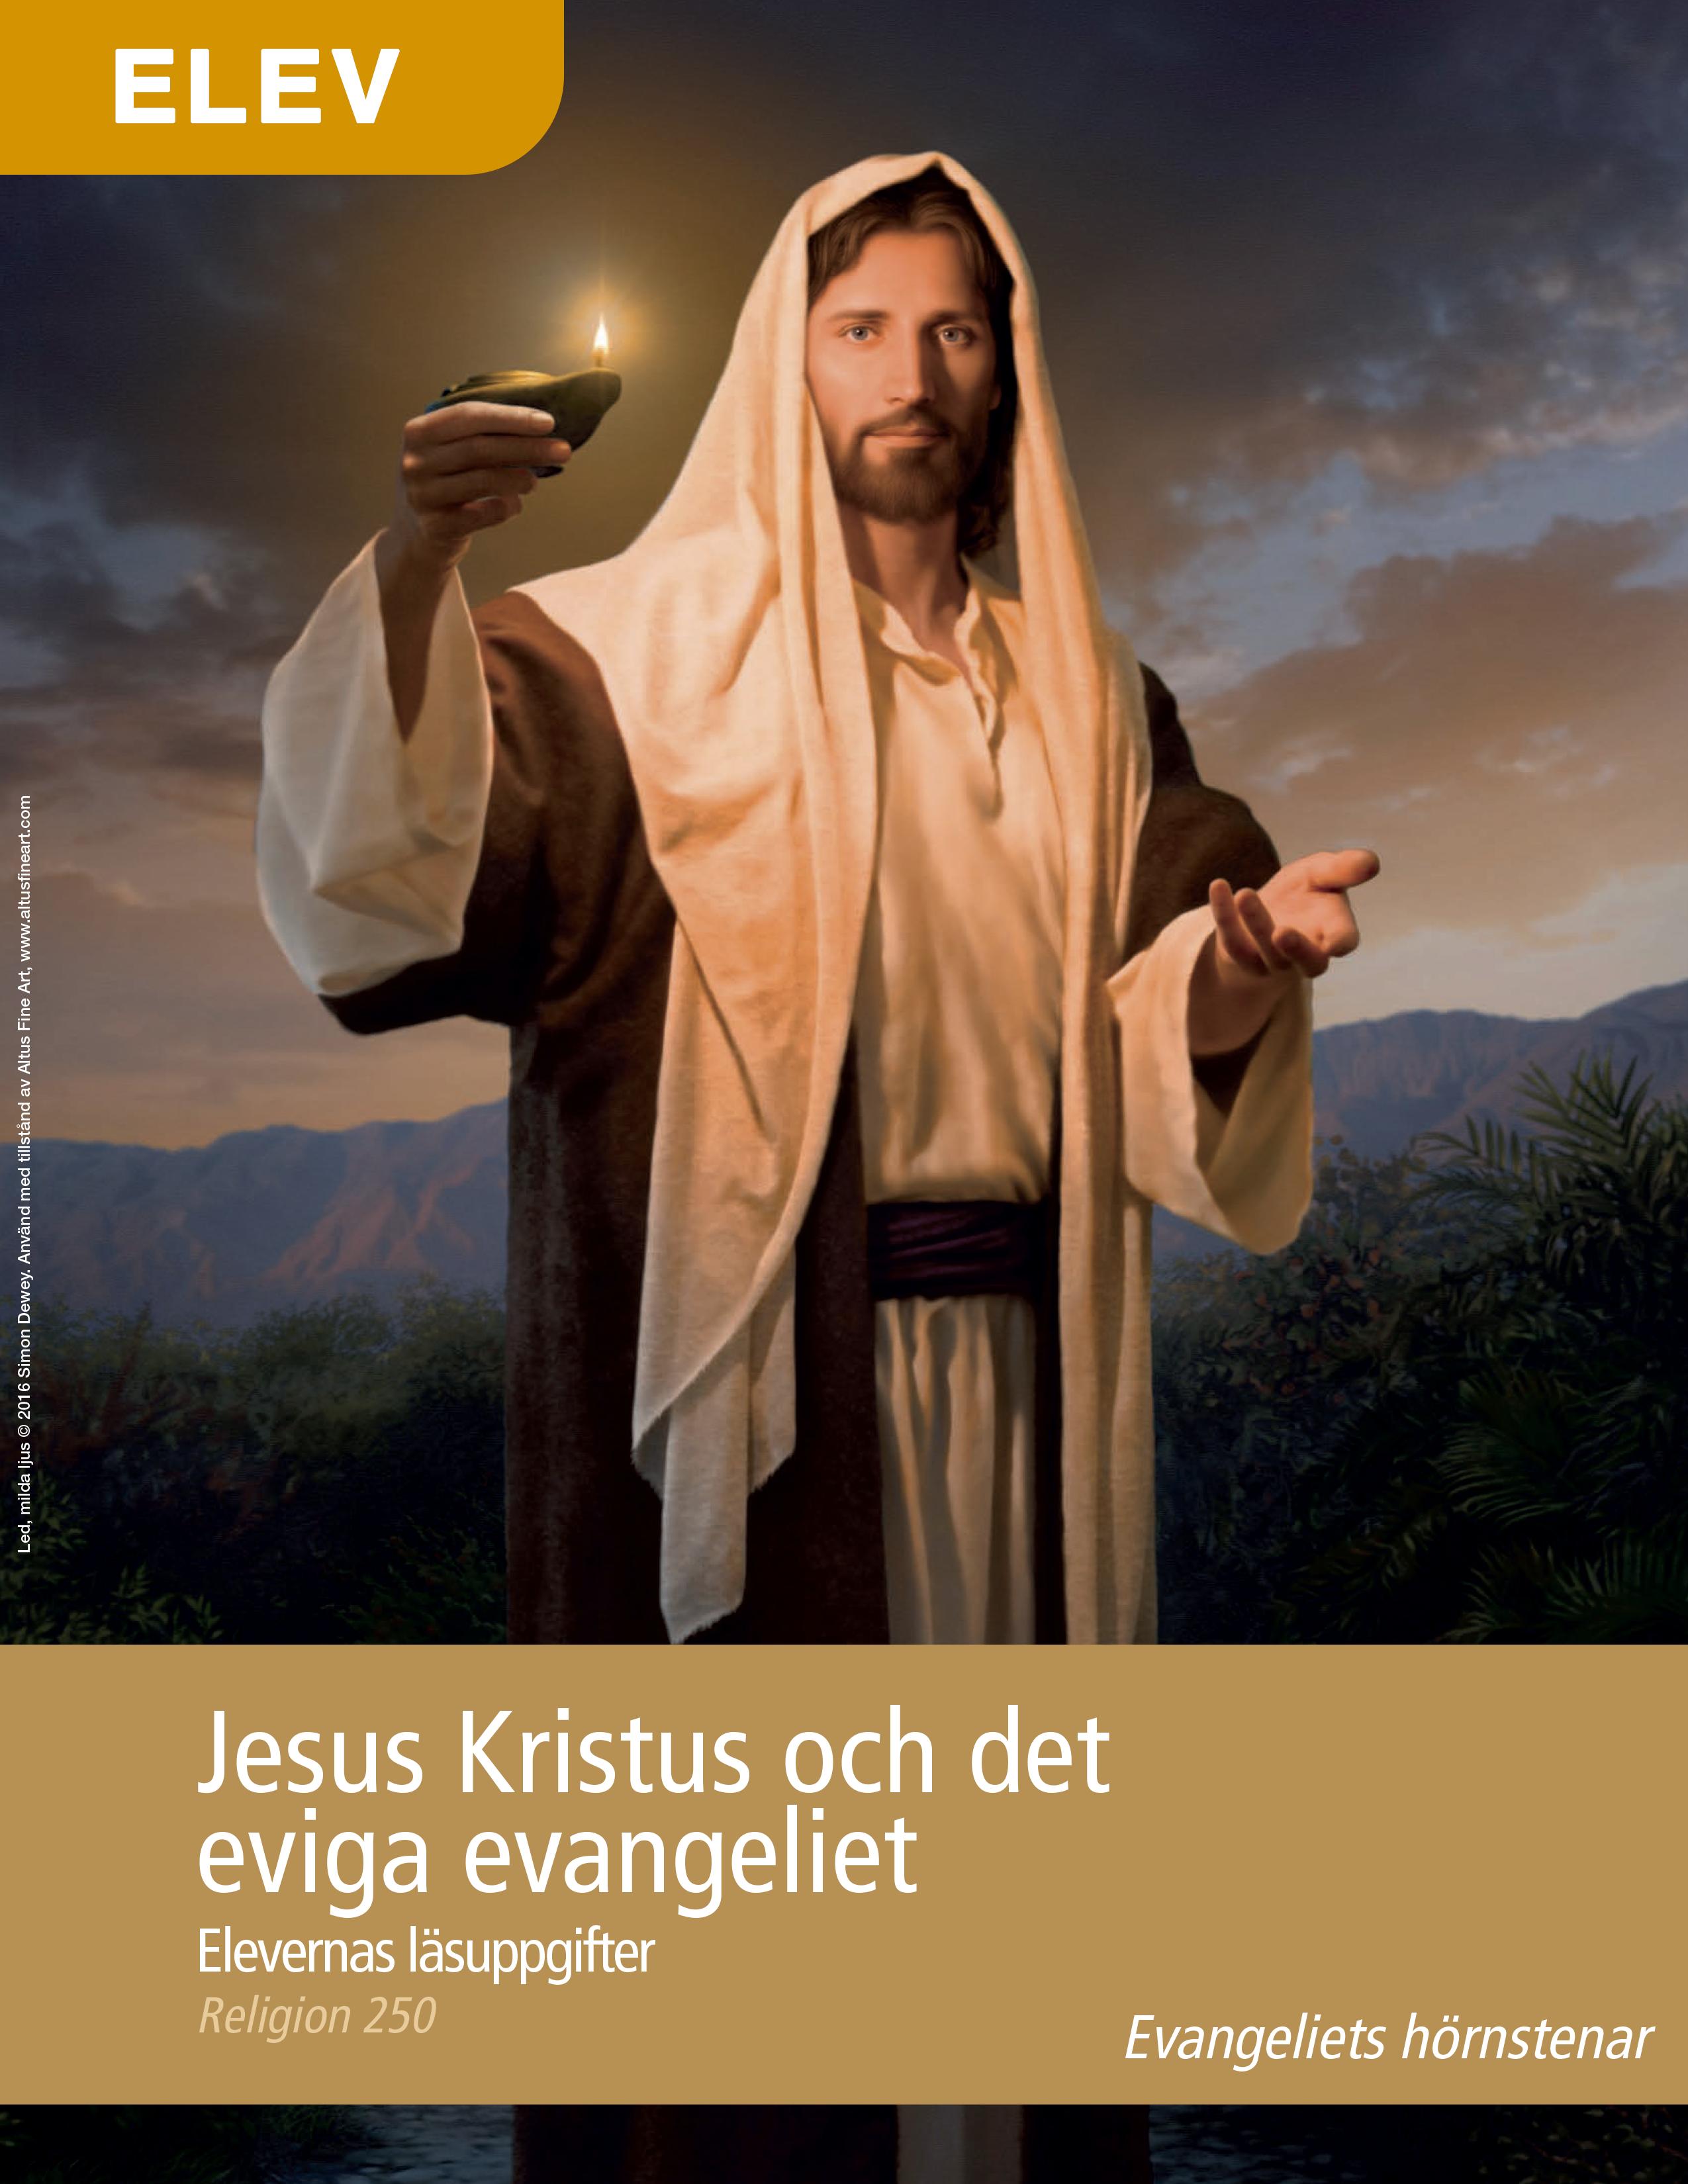 Jesus Kristus och det eviga evangeliet – Elevernas läsuppgifter (Rel 250)